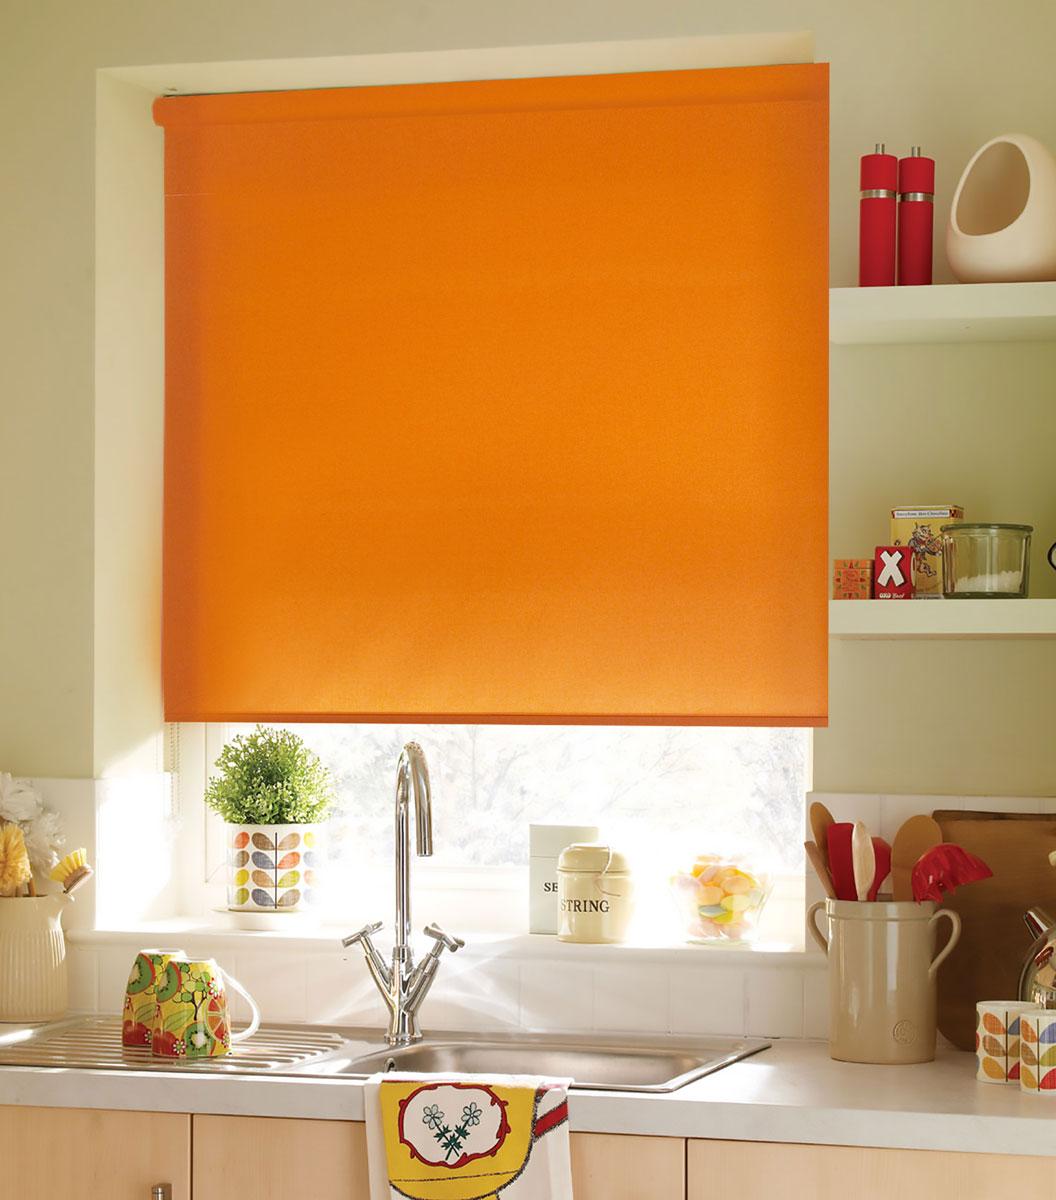 Штора рулонная KauffOrt Миниролло, цвет: оранжевый, ширина 68 см, высота 170 смK100Рулонная штора KauffOrt Миниролло выполнена из высокопрочной ткани, которая сохраняет свой размер даже при намокании. Ткань не выцветает и обладает отличной цветоустойчивостью.Миниролло - это подвид рулонных штор, который закрывает не весь оконный проем, а непосредственно само стекло. Такие шторы крепятся на раму без сверления при помощи зажимов или клейкой двухсторонней ленты (в комплекте). Окно остается на гарантии, благодаря монтажу без сверления. Такая штора станет прекрасным элементом декора окна и гармонично впишется в интерьер любого помещения.